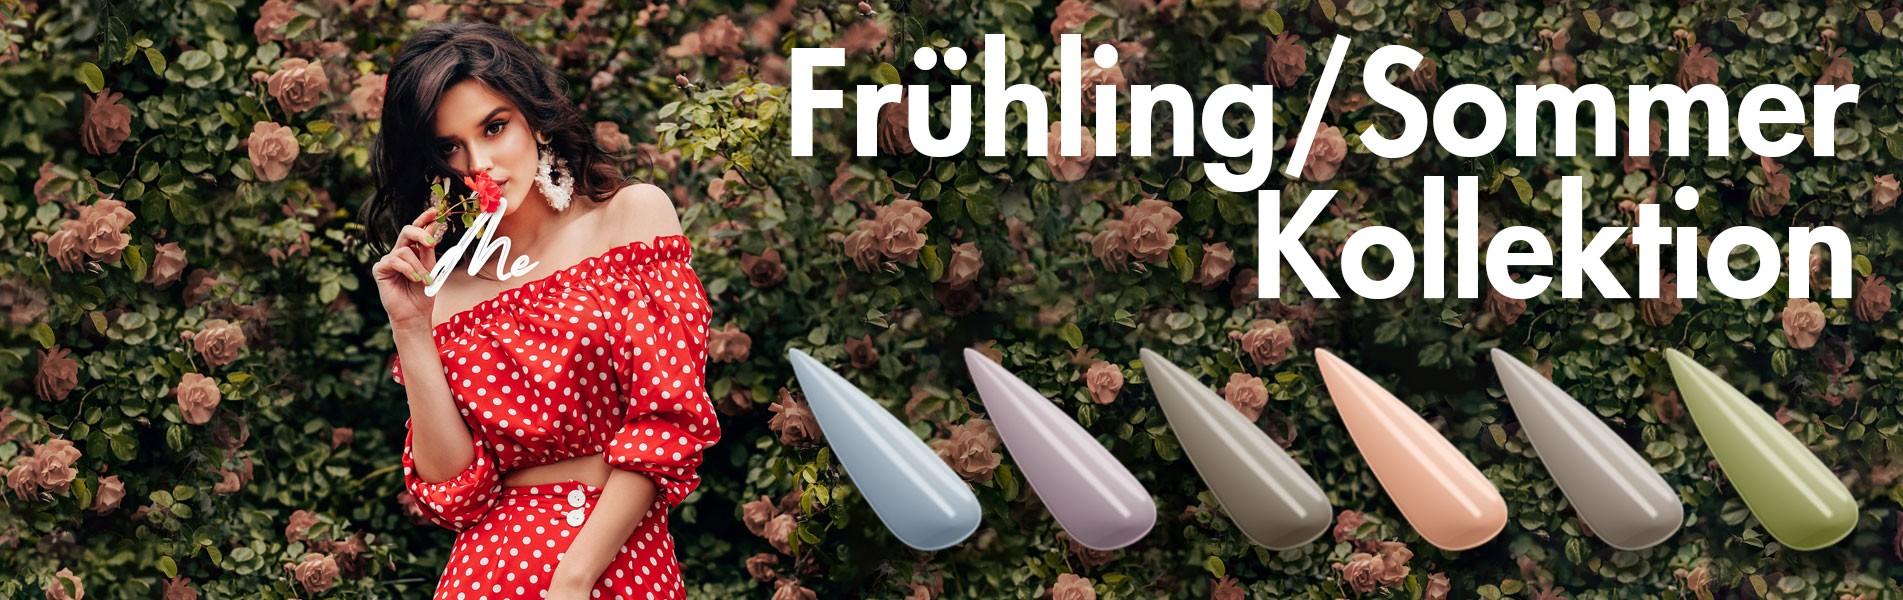 Frühling/Sommer Kollektion